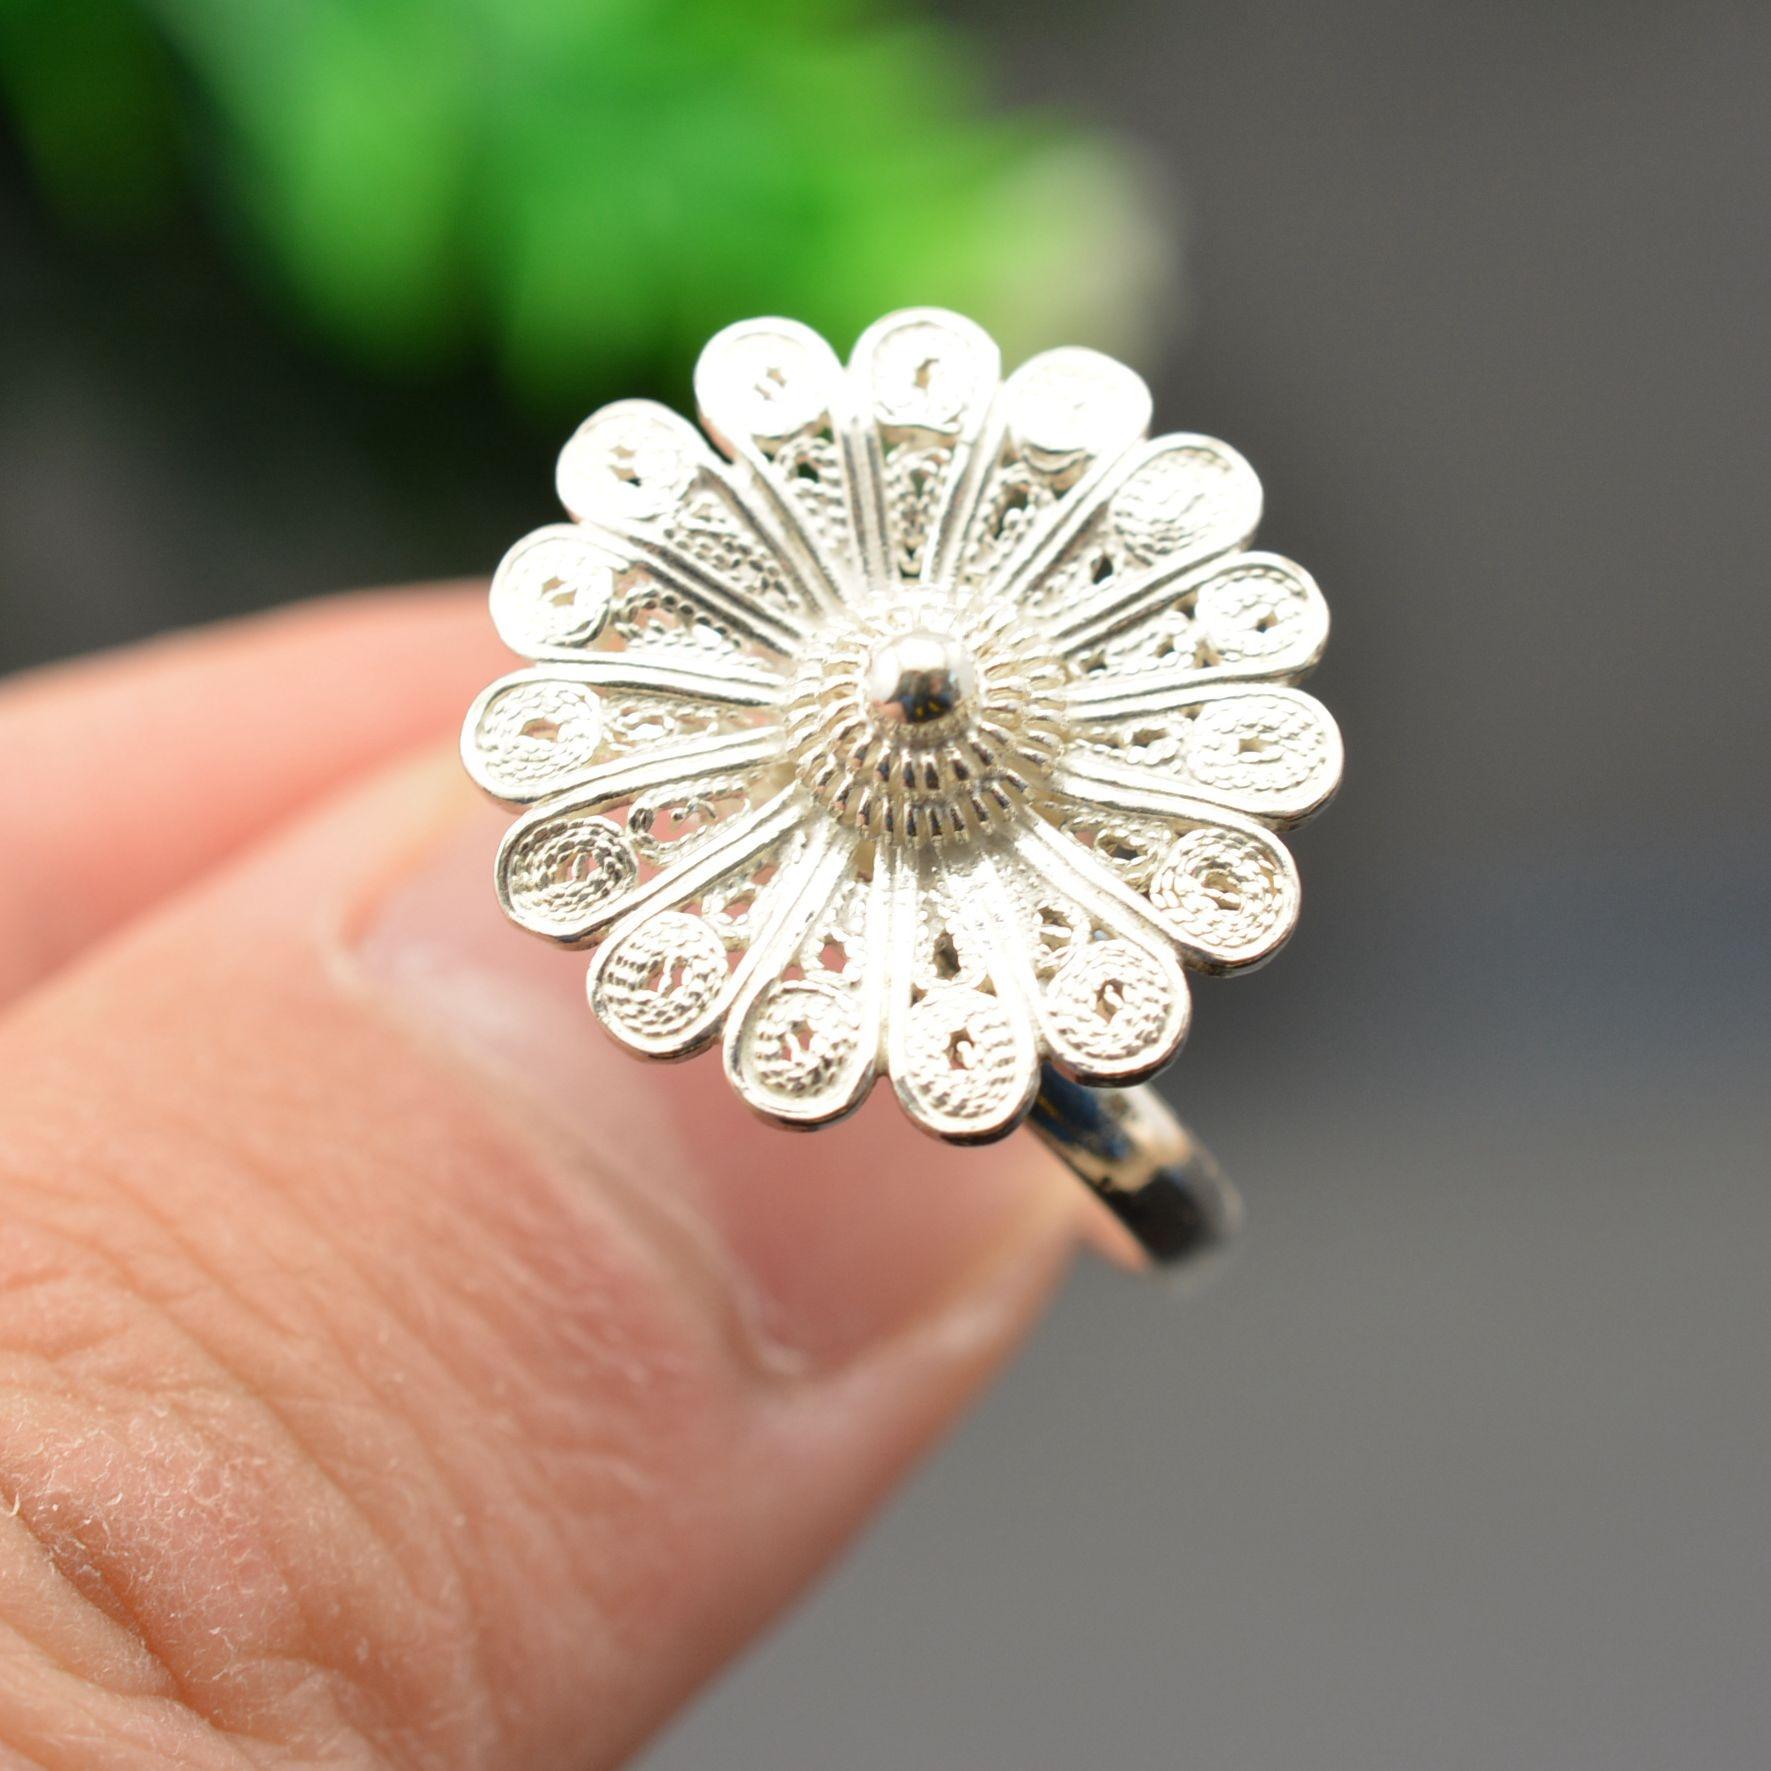 Nouveau produit Népal Bali argent 925 sterling argent fleur pétale ultrafine fil inlay anneau en vie